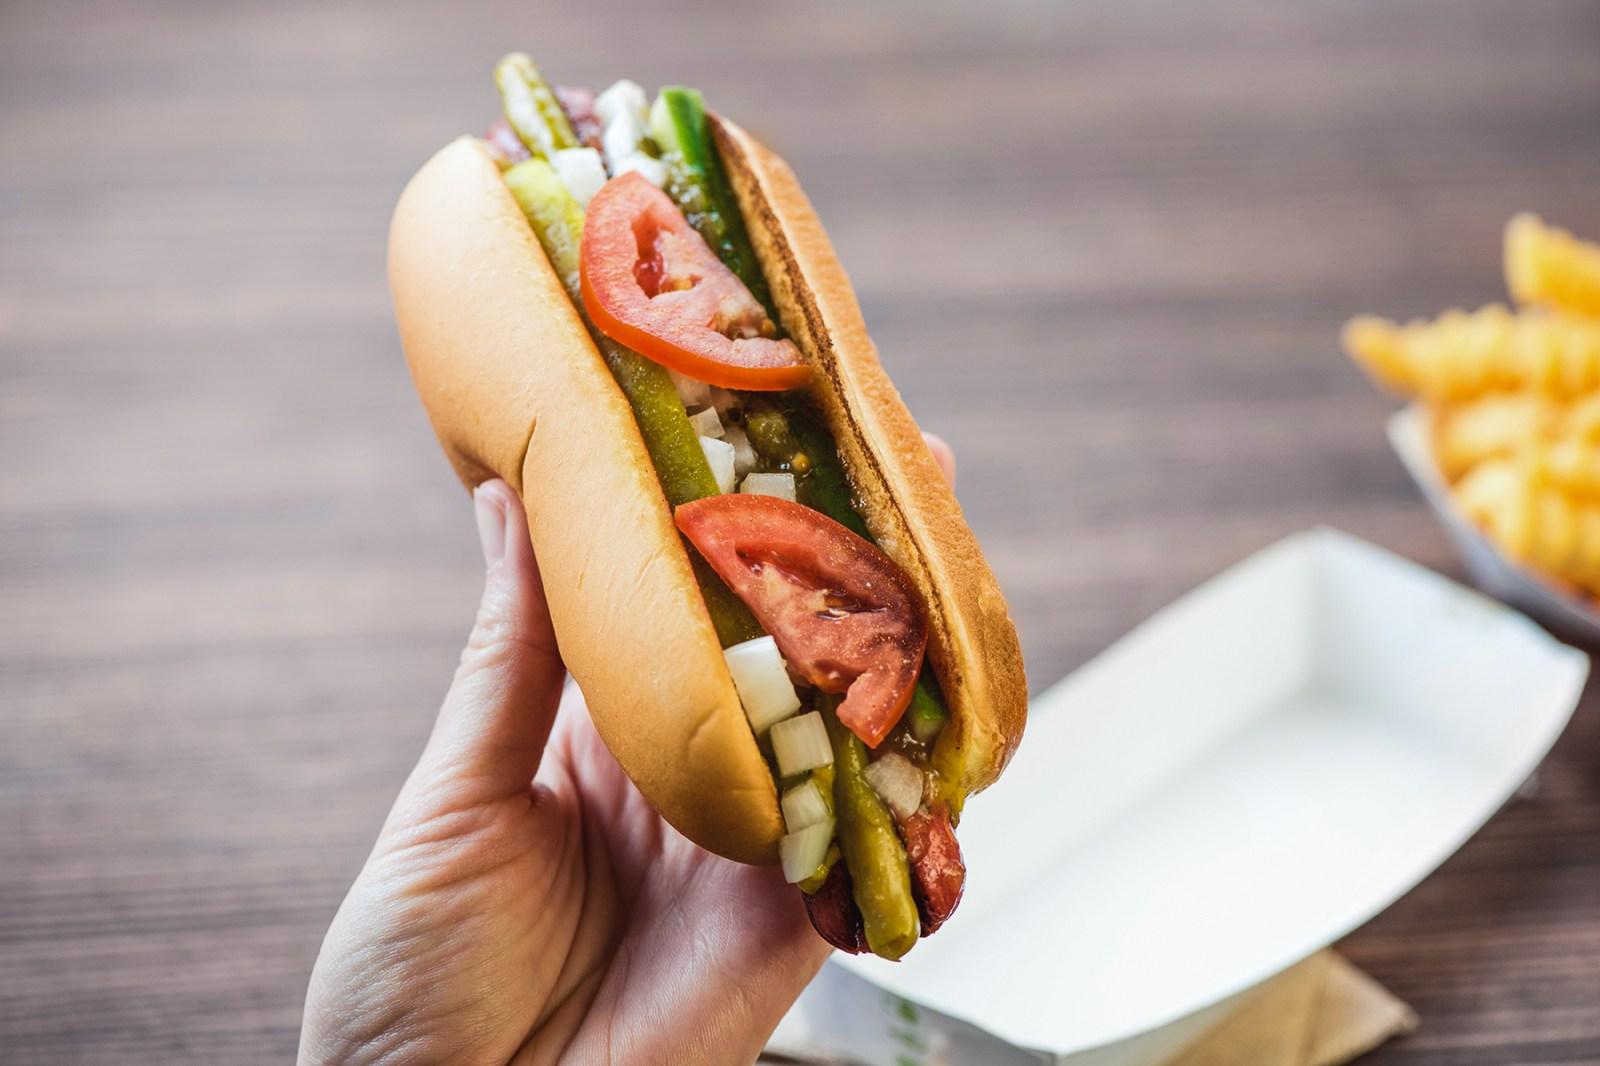 ELLELL 精选 10 间上海潮流汉堡店 -10-burger-shops-in-shanghai-shake-shack-04